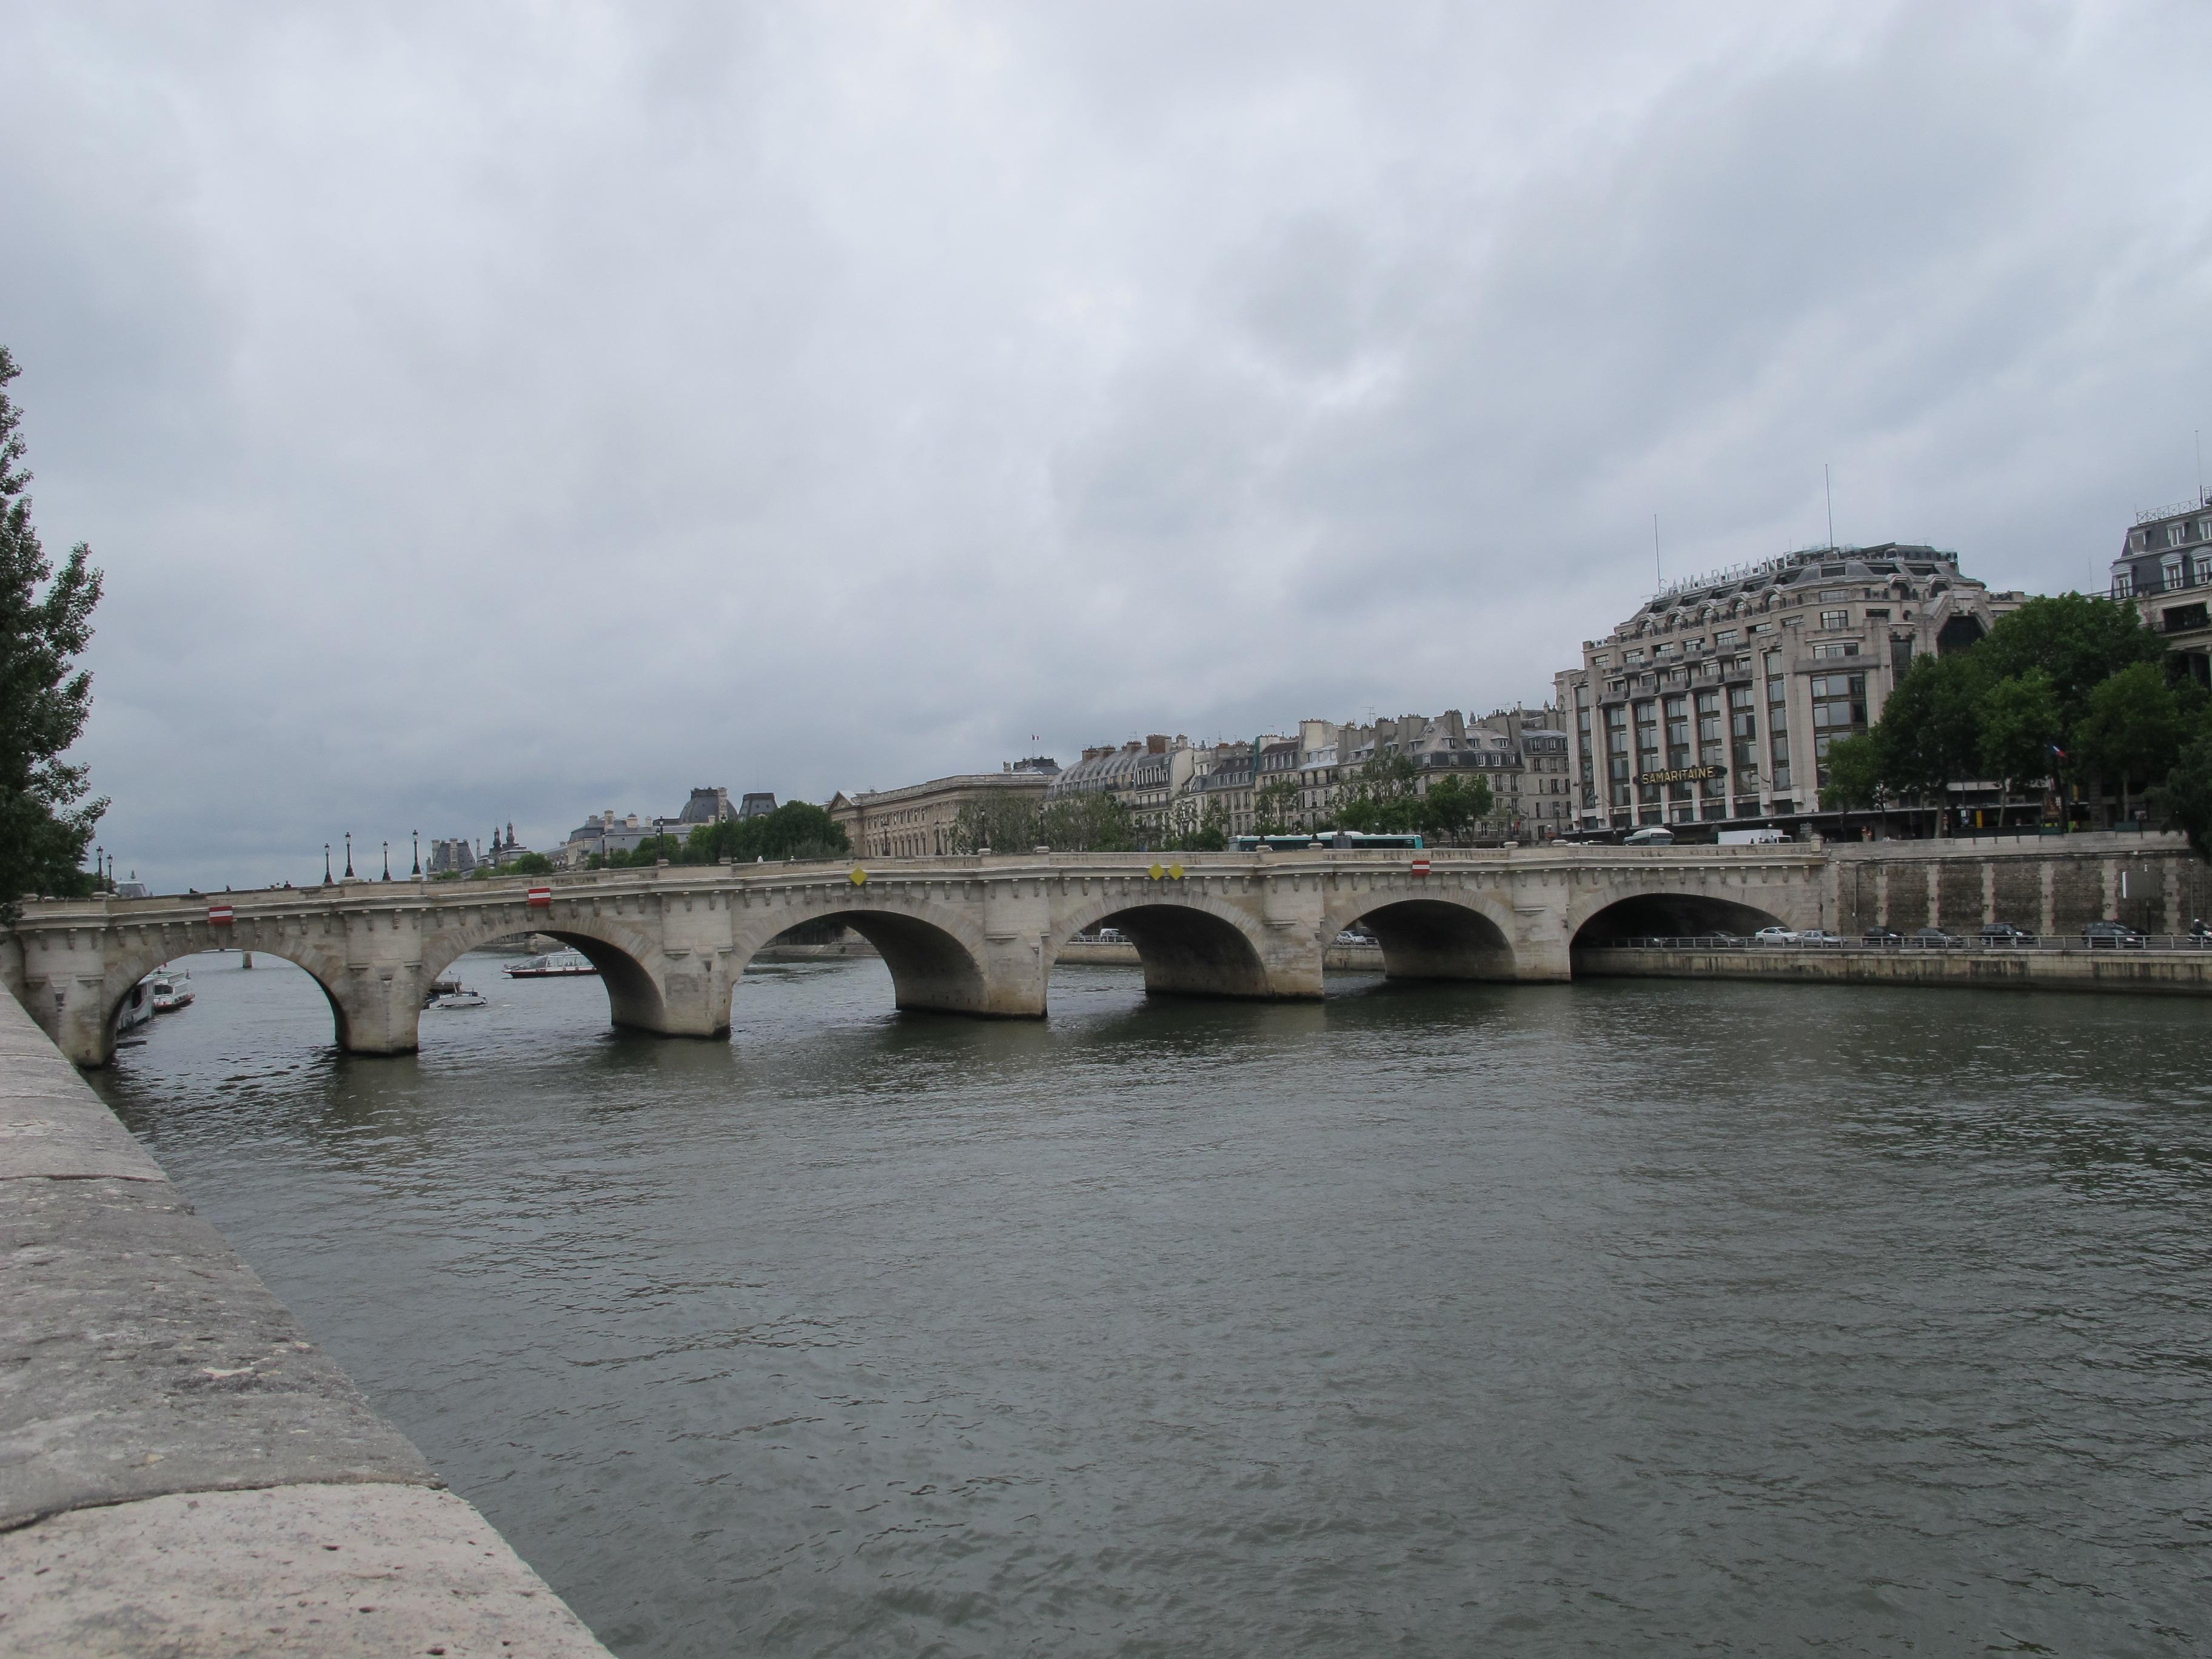 新桥始建于1578年,于1604年完工,由法国国王亨利四世主持修建,是巴黎最古老的桥梁。 它由两座独立的桥梁组成,横跨西岱岛西侧,将塞纳河左右两岸连接起来。其中将西岱岛与左岸相连的是一座五孔拱桥,将之与右岸相连的是一座七孔拱桥,每个拱洞前都装饰了无名壮士的头像雕塑,表情生动。此外,桥上的路灯基座很漂亮。 桥上两侧的人行道上建有半圆形石椅,常见街头画家摆摊作画,画下塞纳河和新桥的迷人风光。大画家毕加索就曾于1943年描绘过新桥恬静的风景,画作现藏于巴黎的毕加索美术馆里。 桥中心有三座亨利四世骑马的雕像,从雕